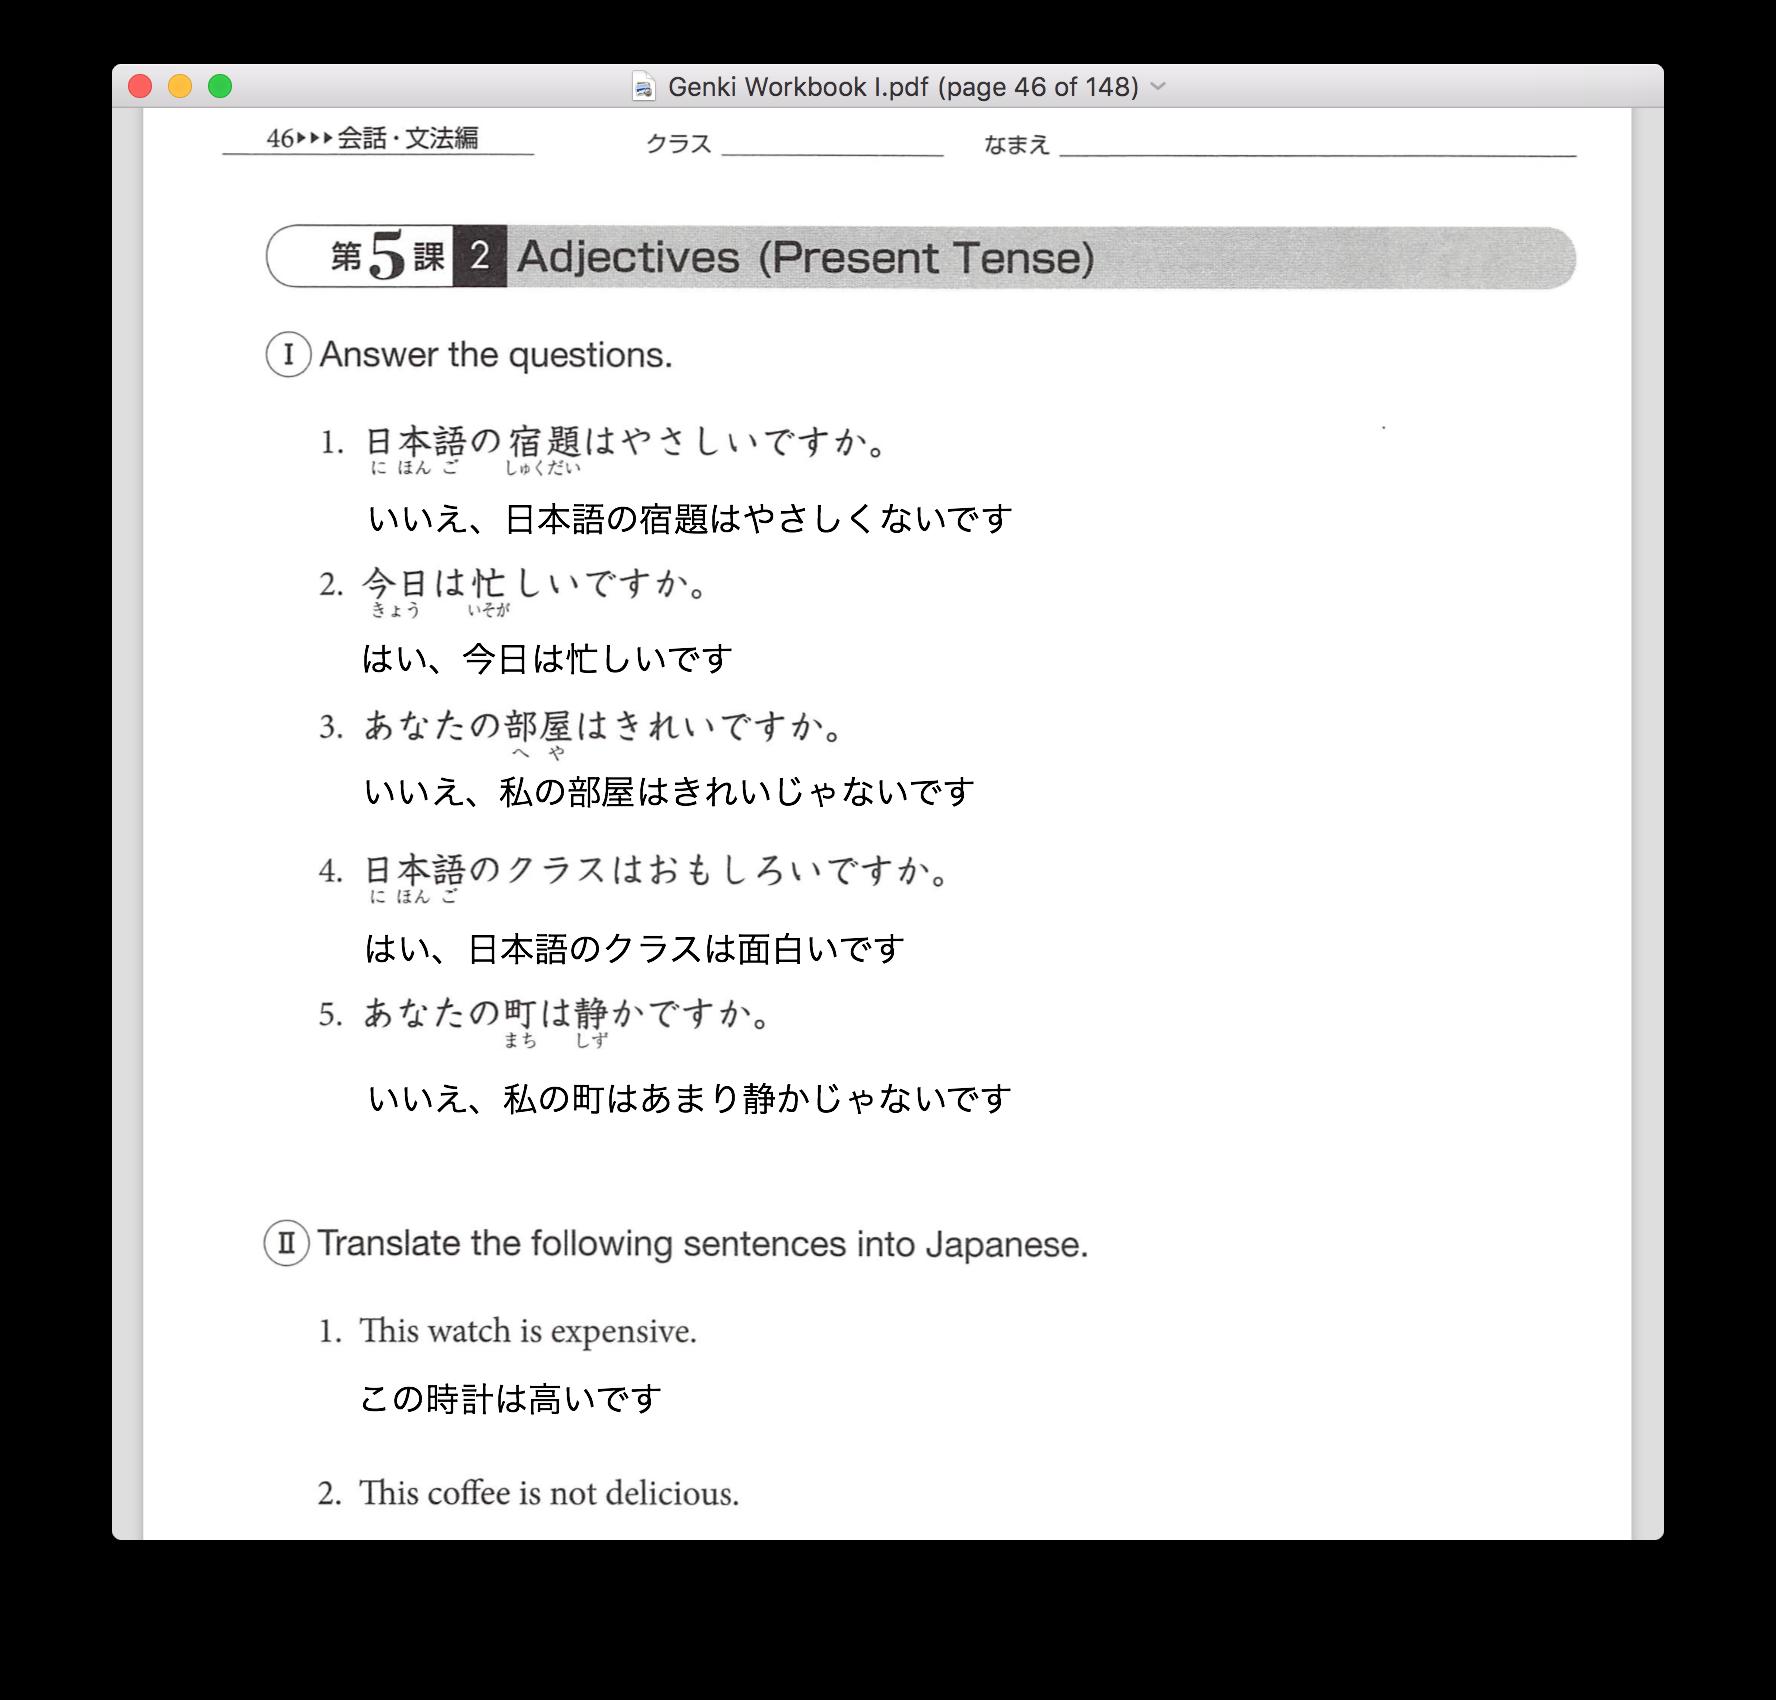 Иллюстрация написания текста поверх pdf-документа рабочей тетради по японскому языку